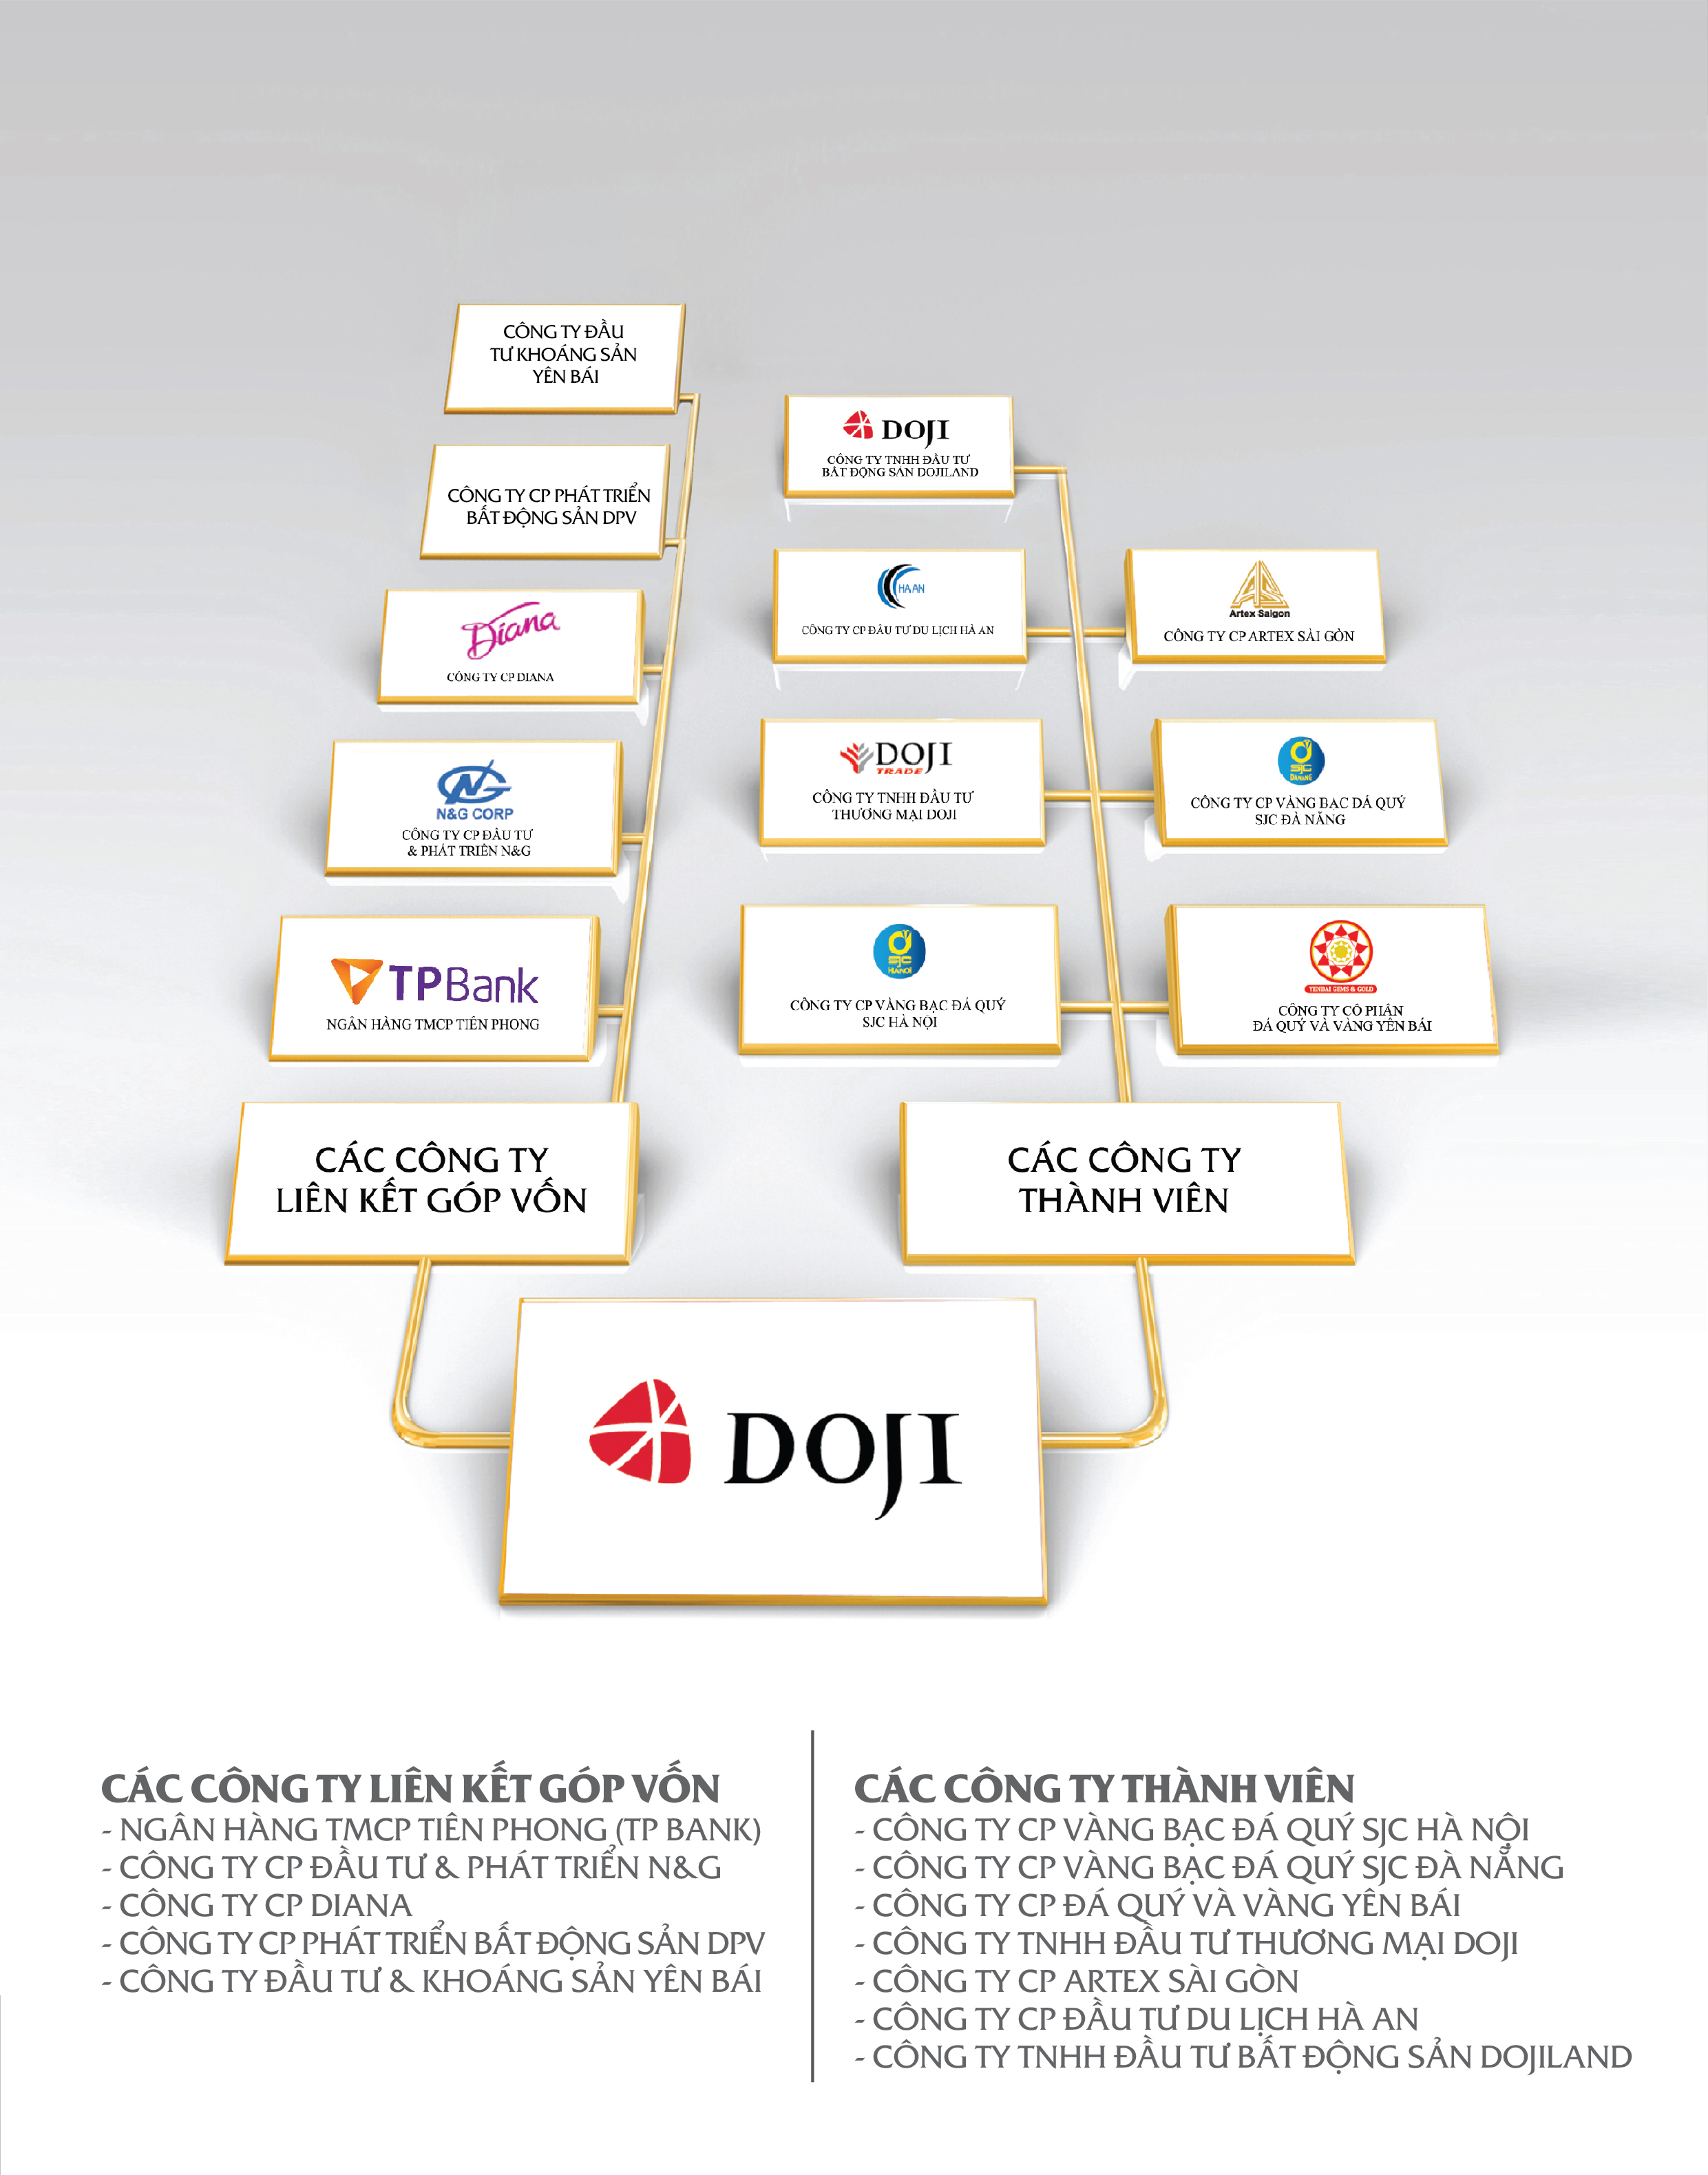 Cơ cấu tổ chức DOJI Group